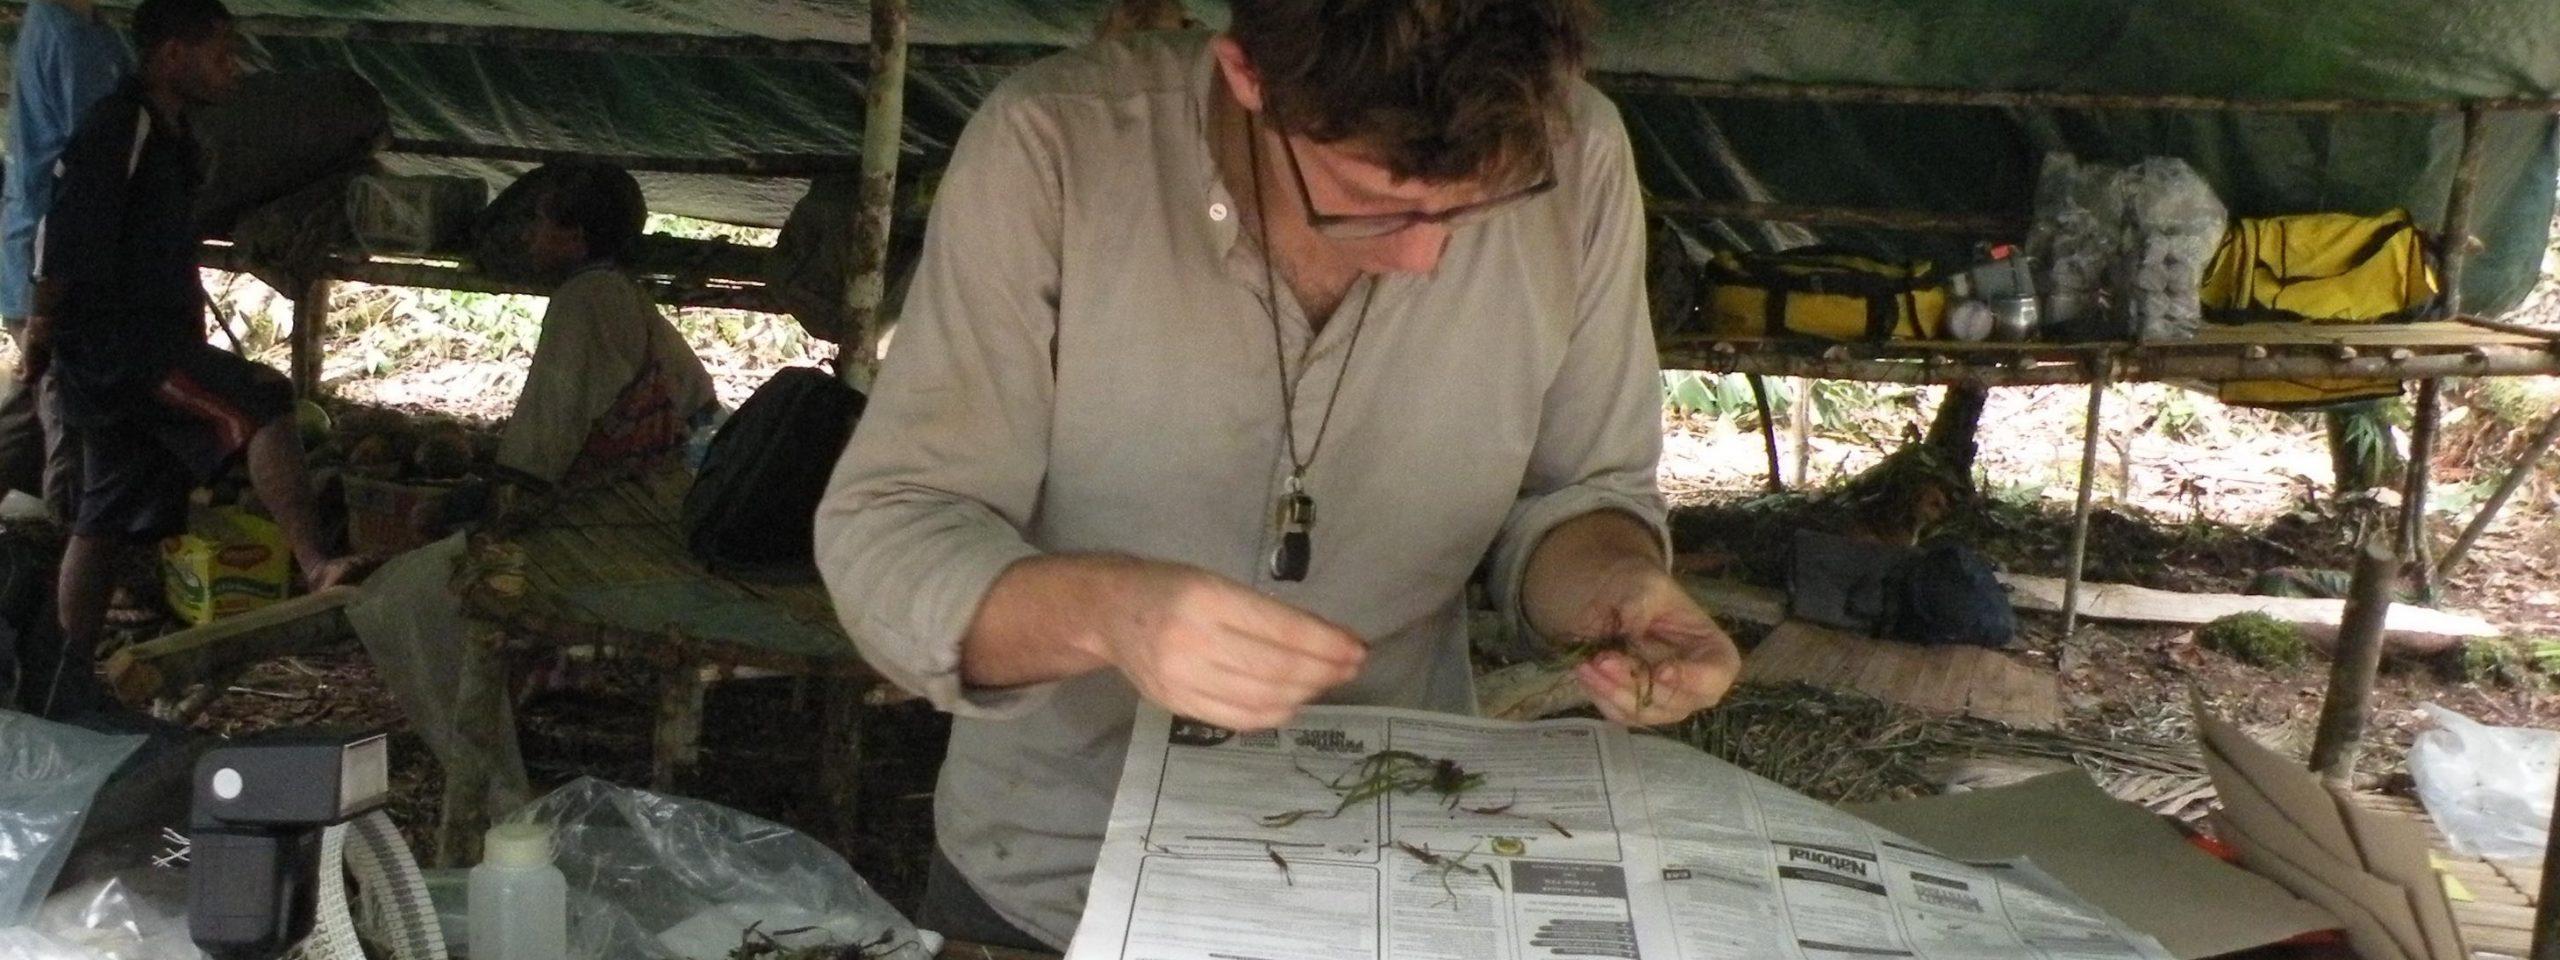 Molecular systematics and biodiversity inventories